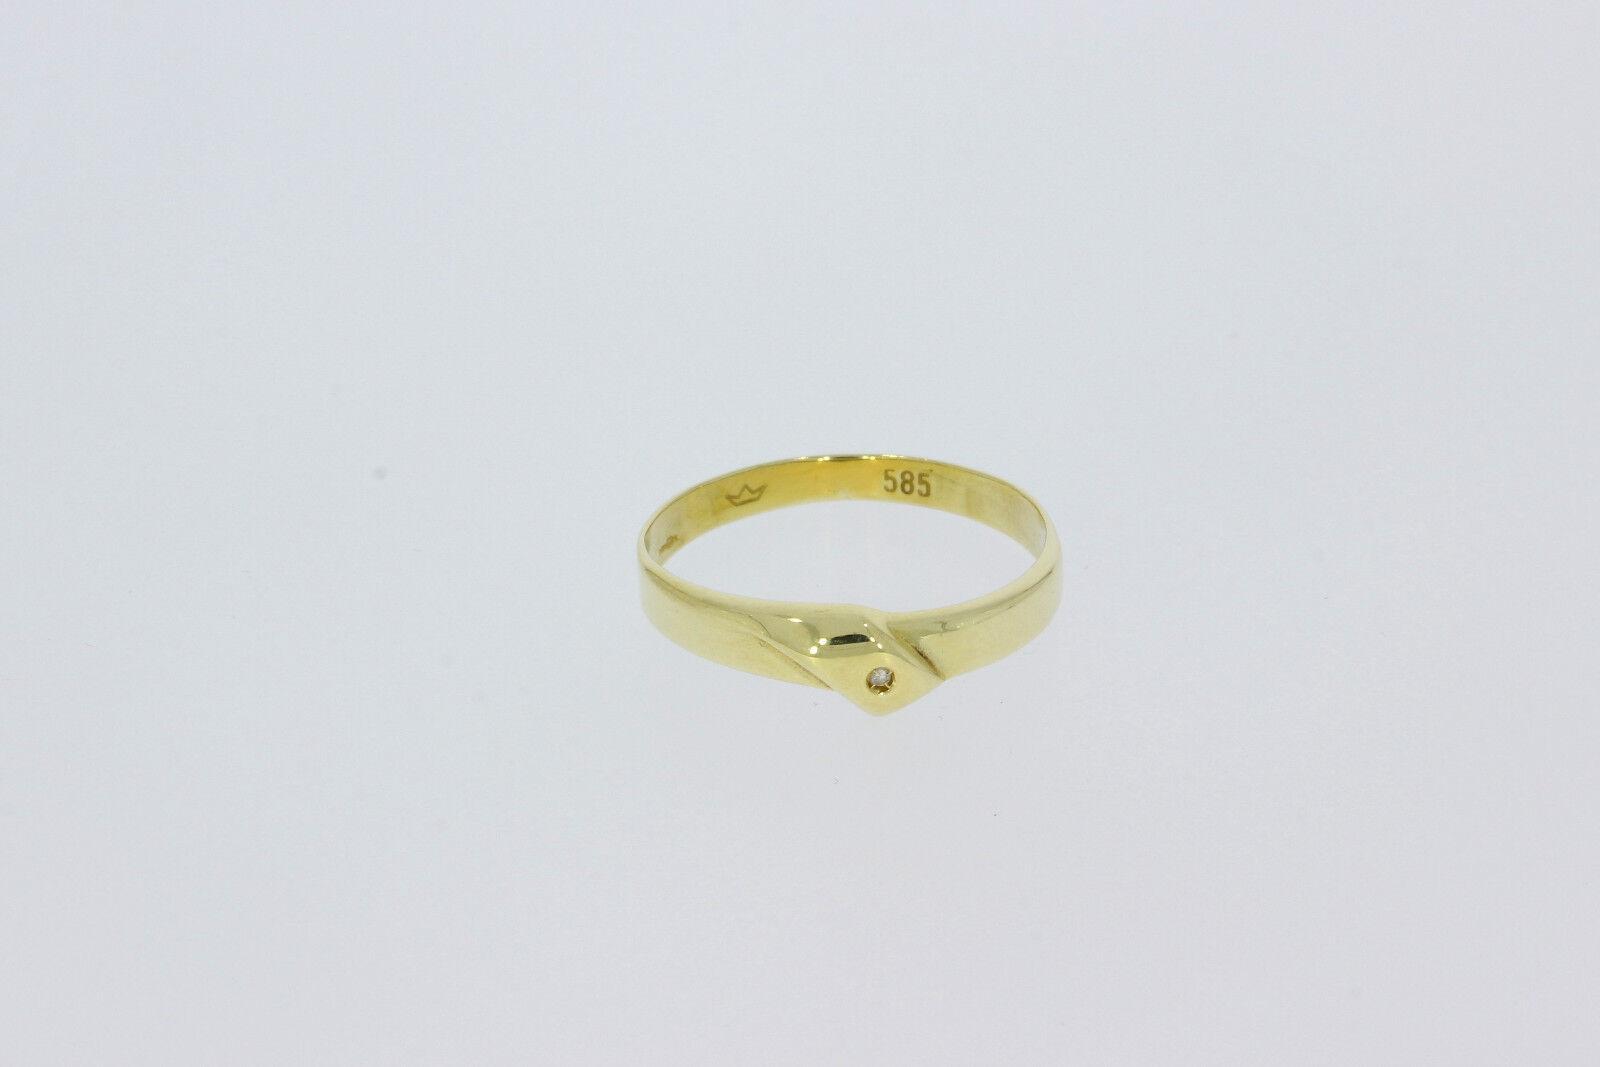 9111-585er  yellowgoldring Ringgroße 59,5 Breit 5,5 mm Gewicht 1,5 Gramm